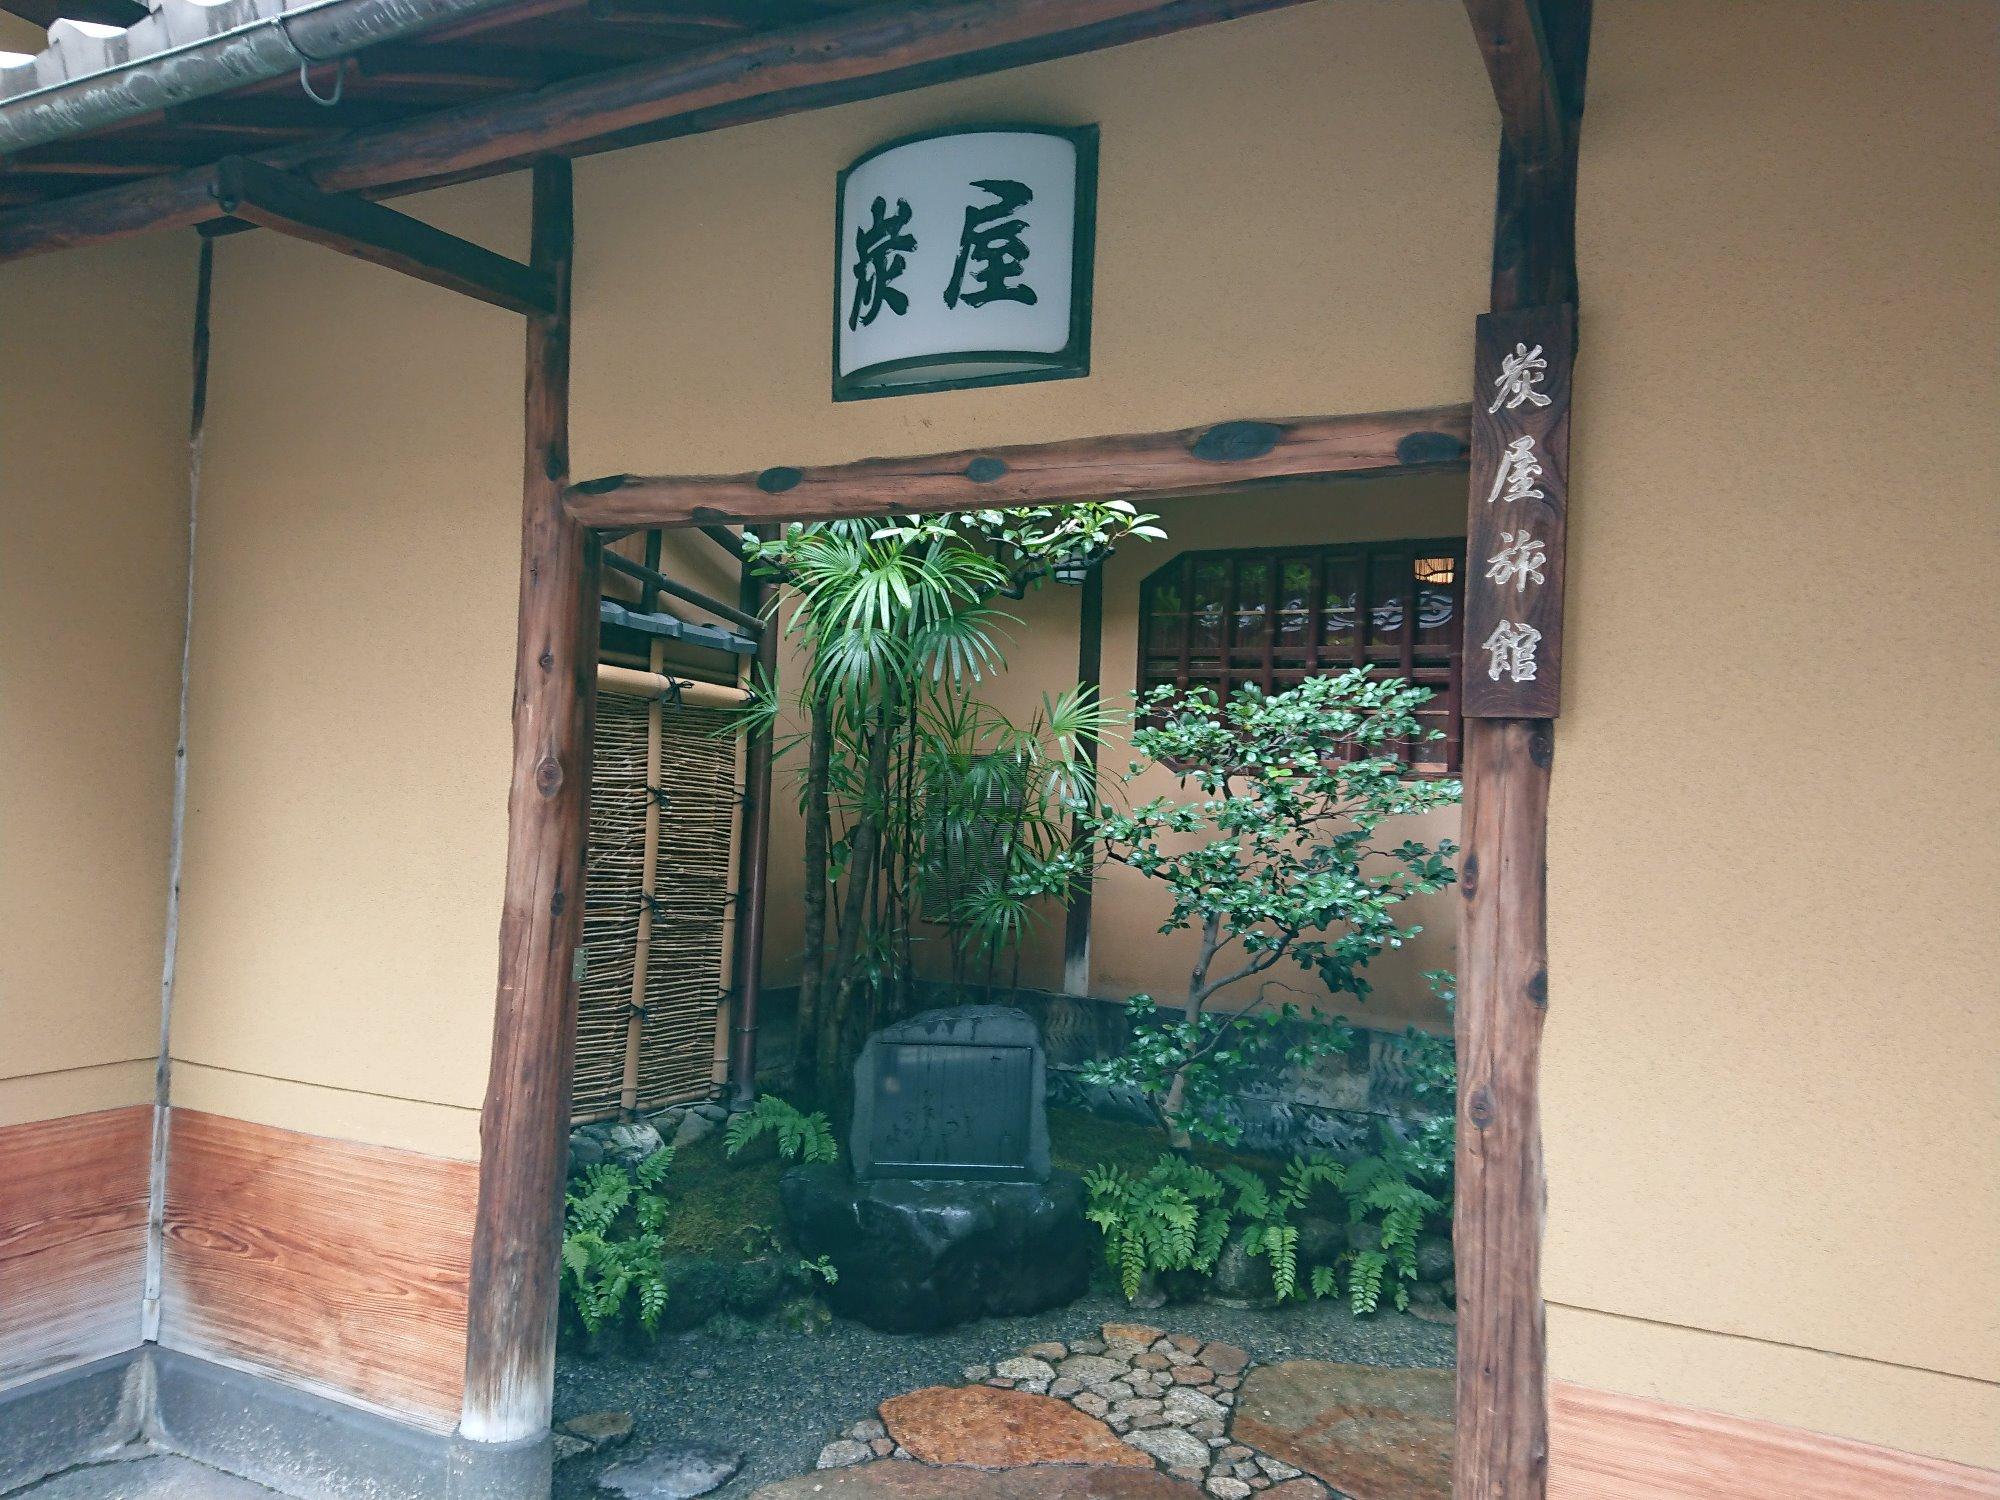 京都の老舗・炭屋旅館の女将さんに聞く「おもてなしの心」